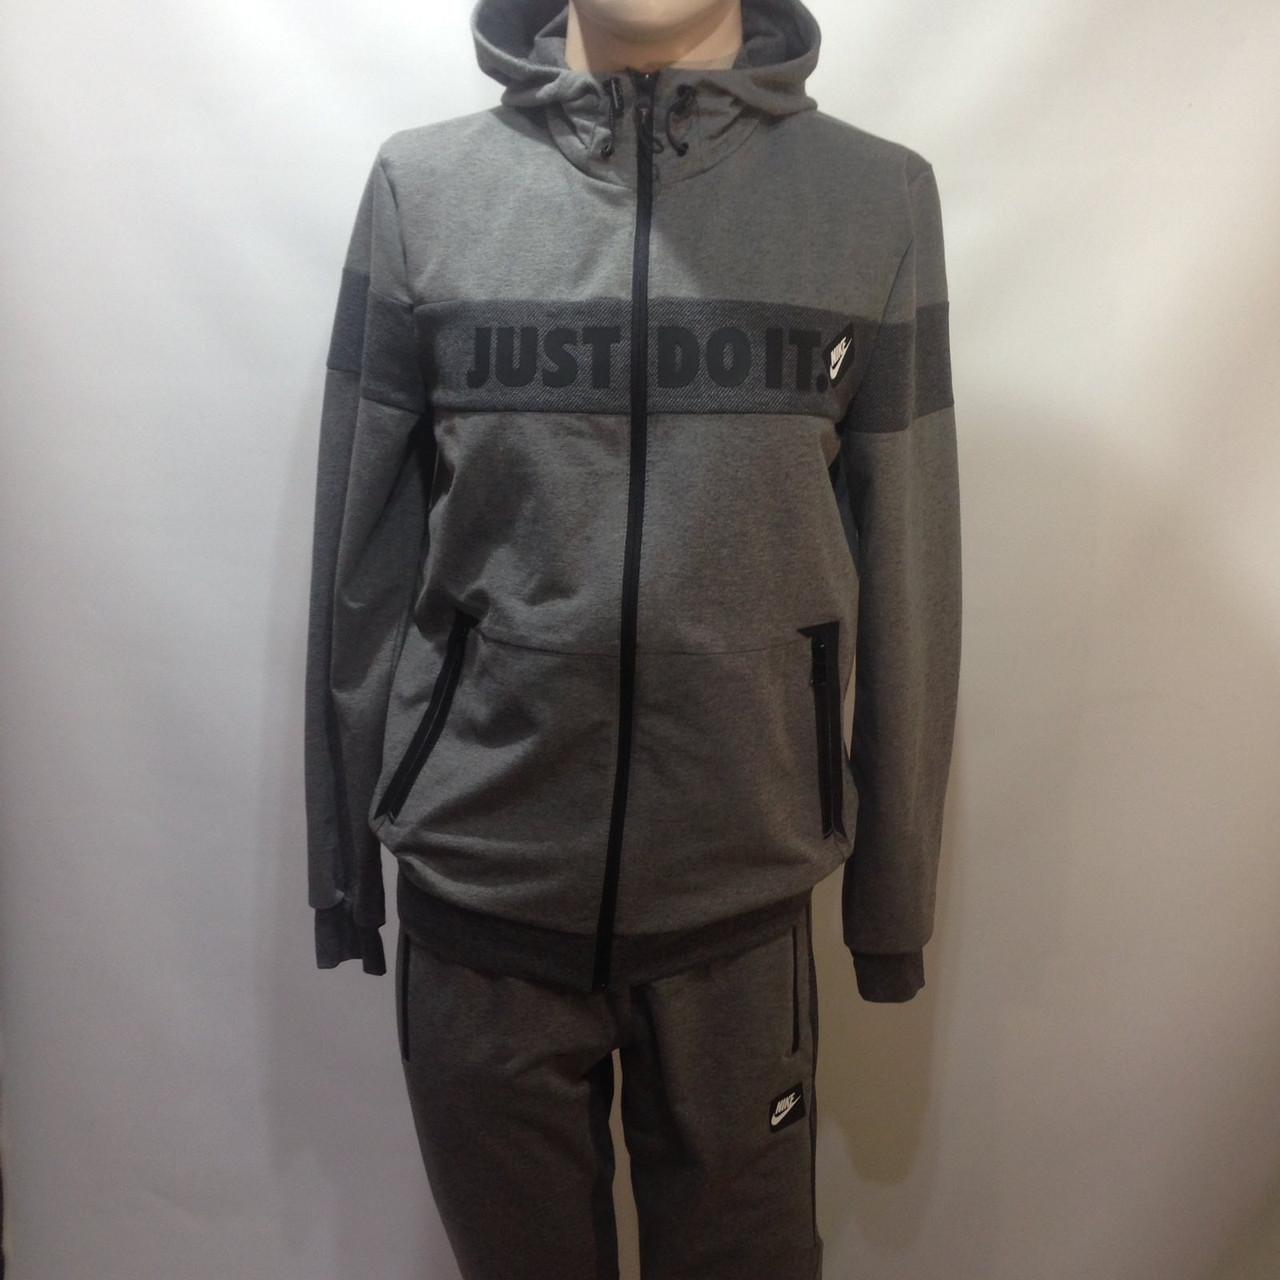 Р. ххл Чоловічий спортивний костюм в стилі Nike (репліка) сірий відмінної якості